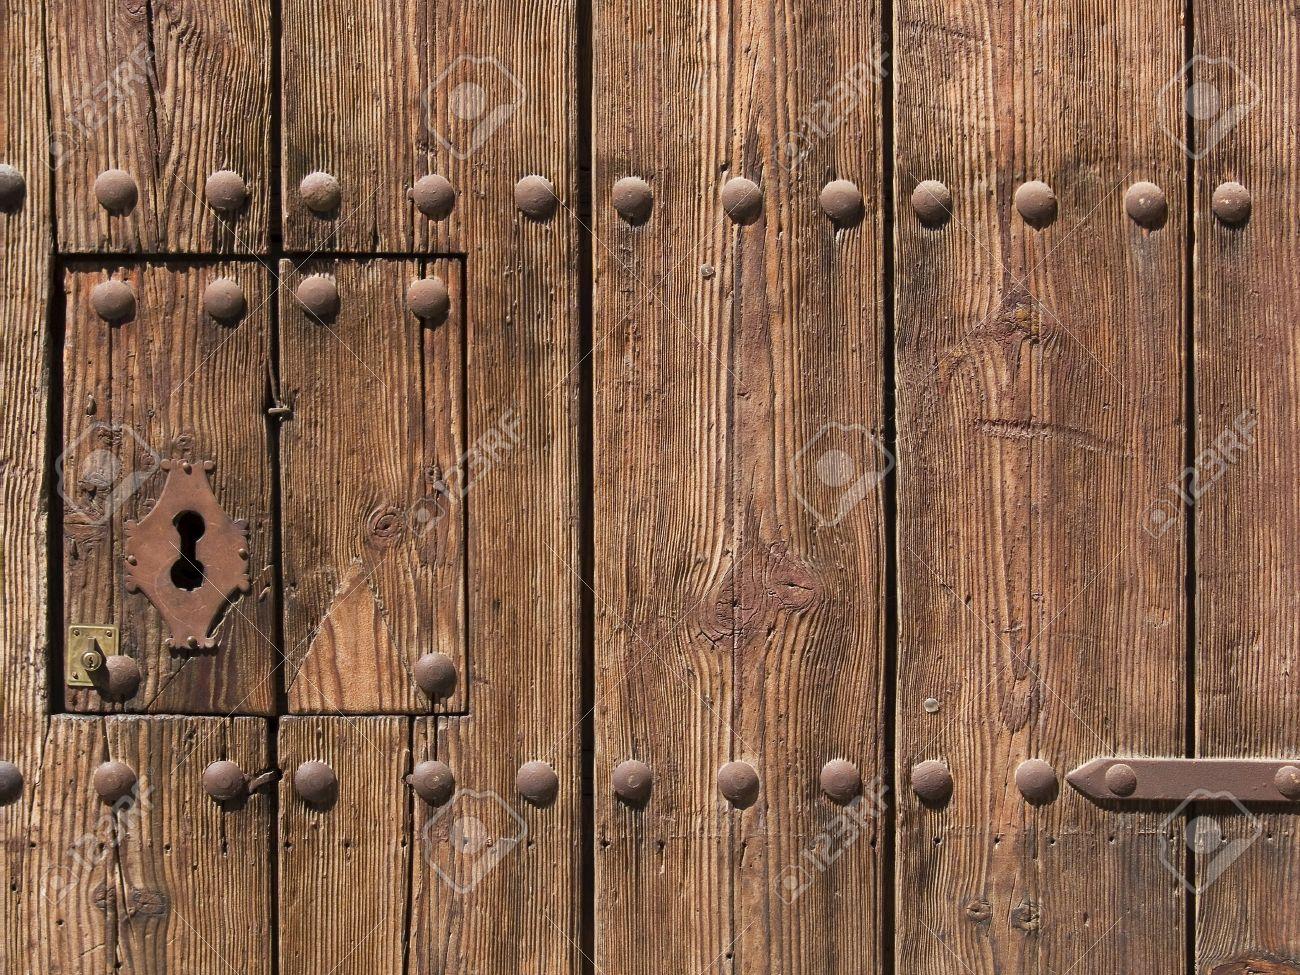 cerradura antigua y moderna a la puerta de madera vieja